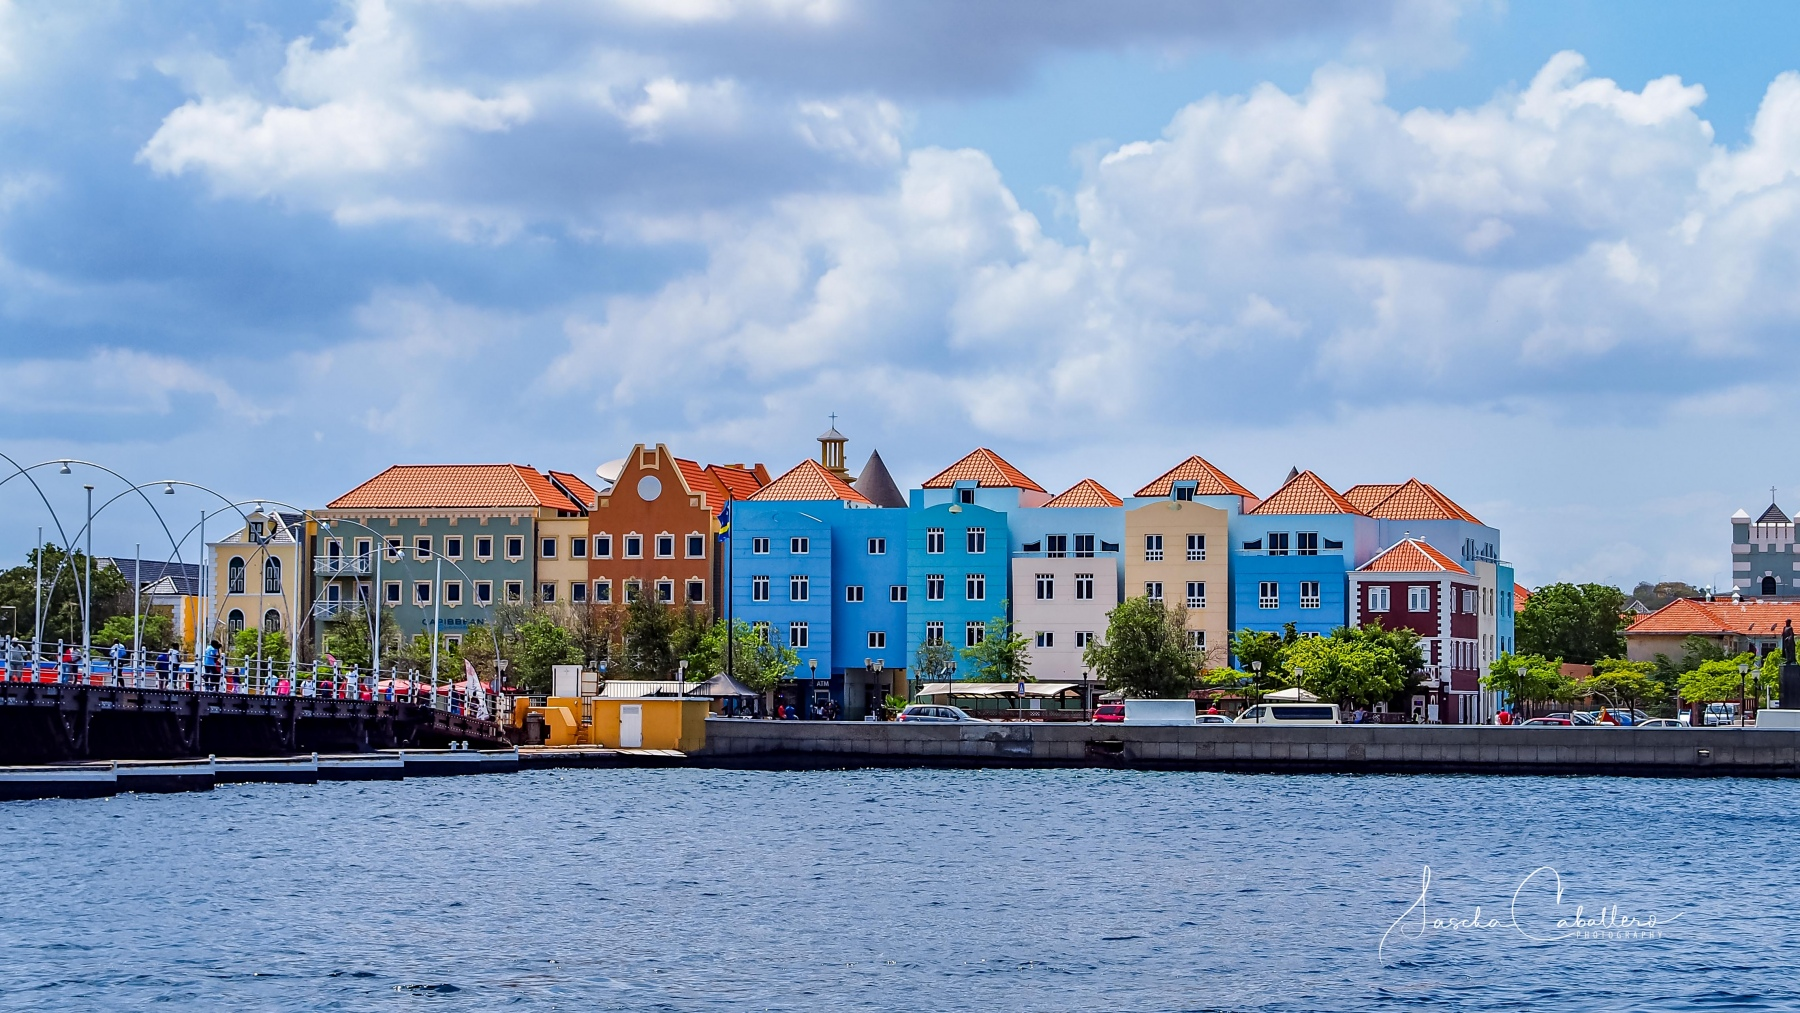 Curacao Otrobanda